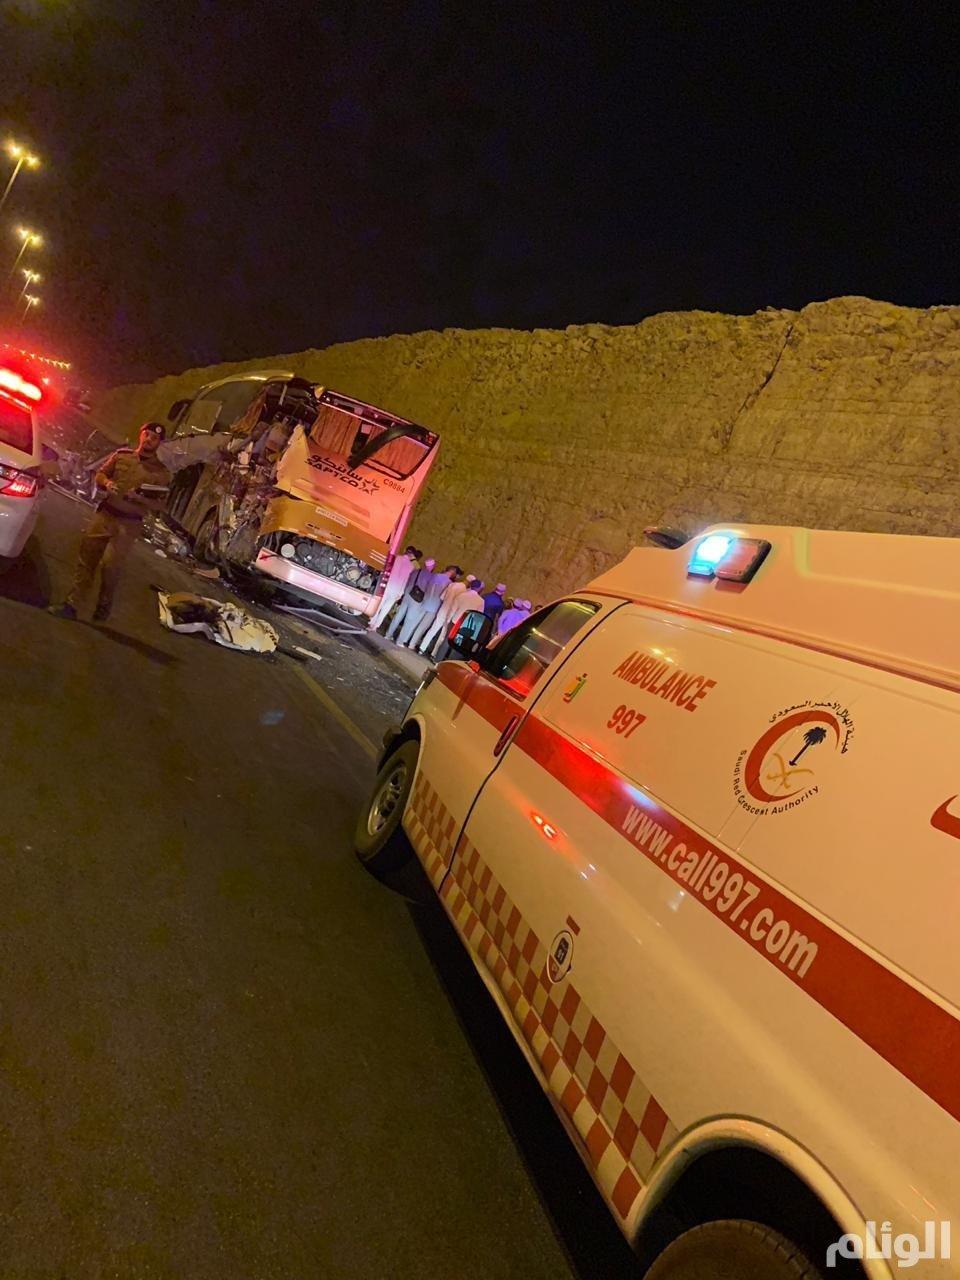 الهلال الأحمر يباشر حادث لحافلة حجاج بالرياض وينقل حالتين